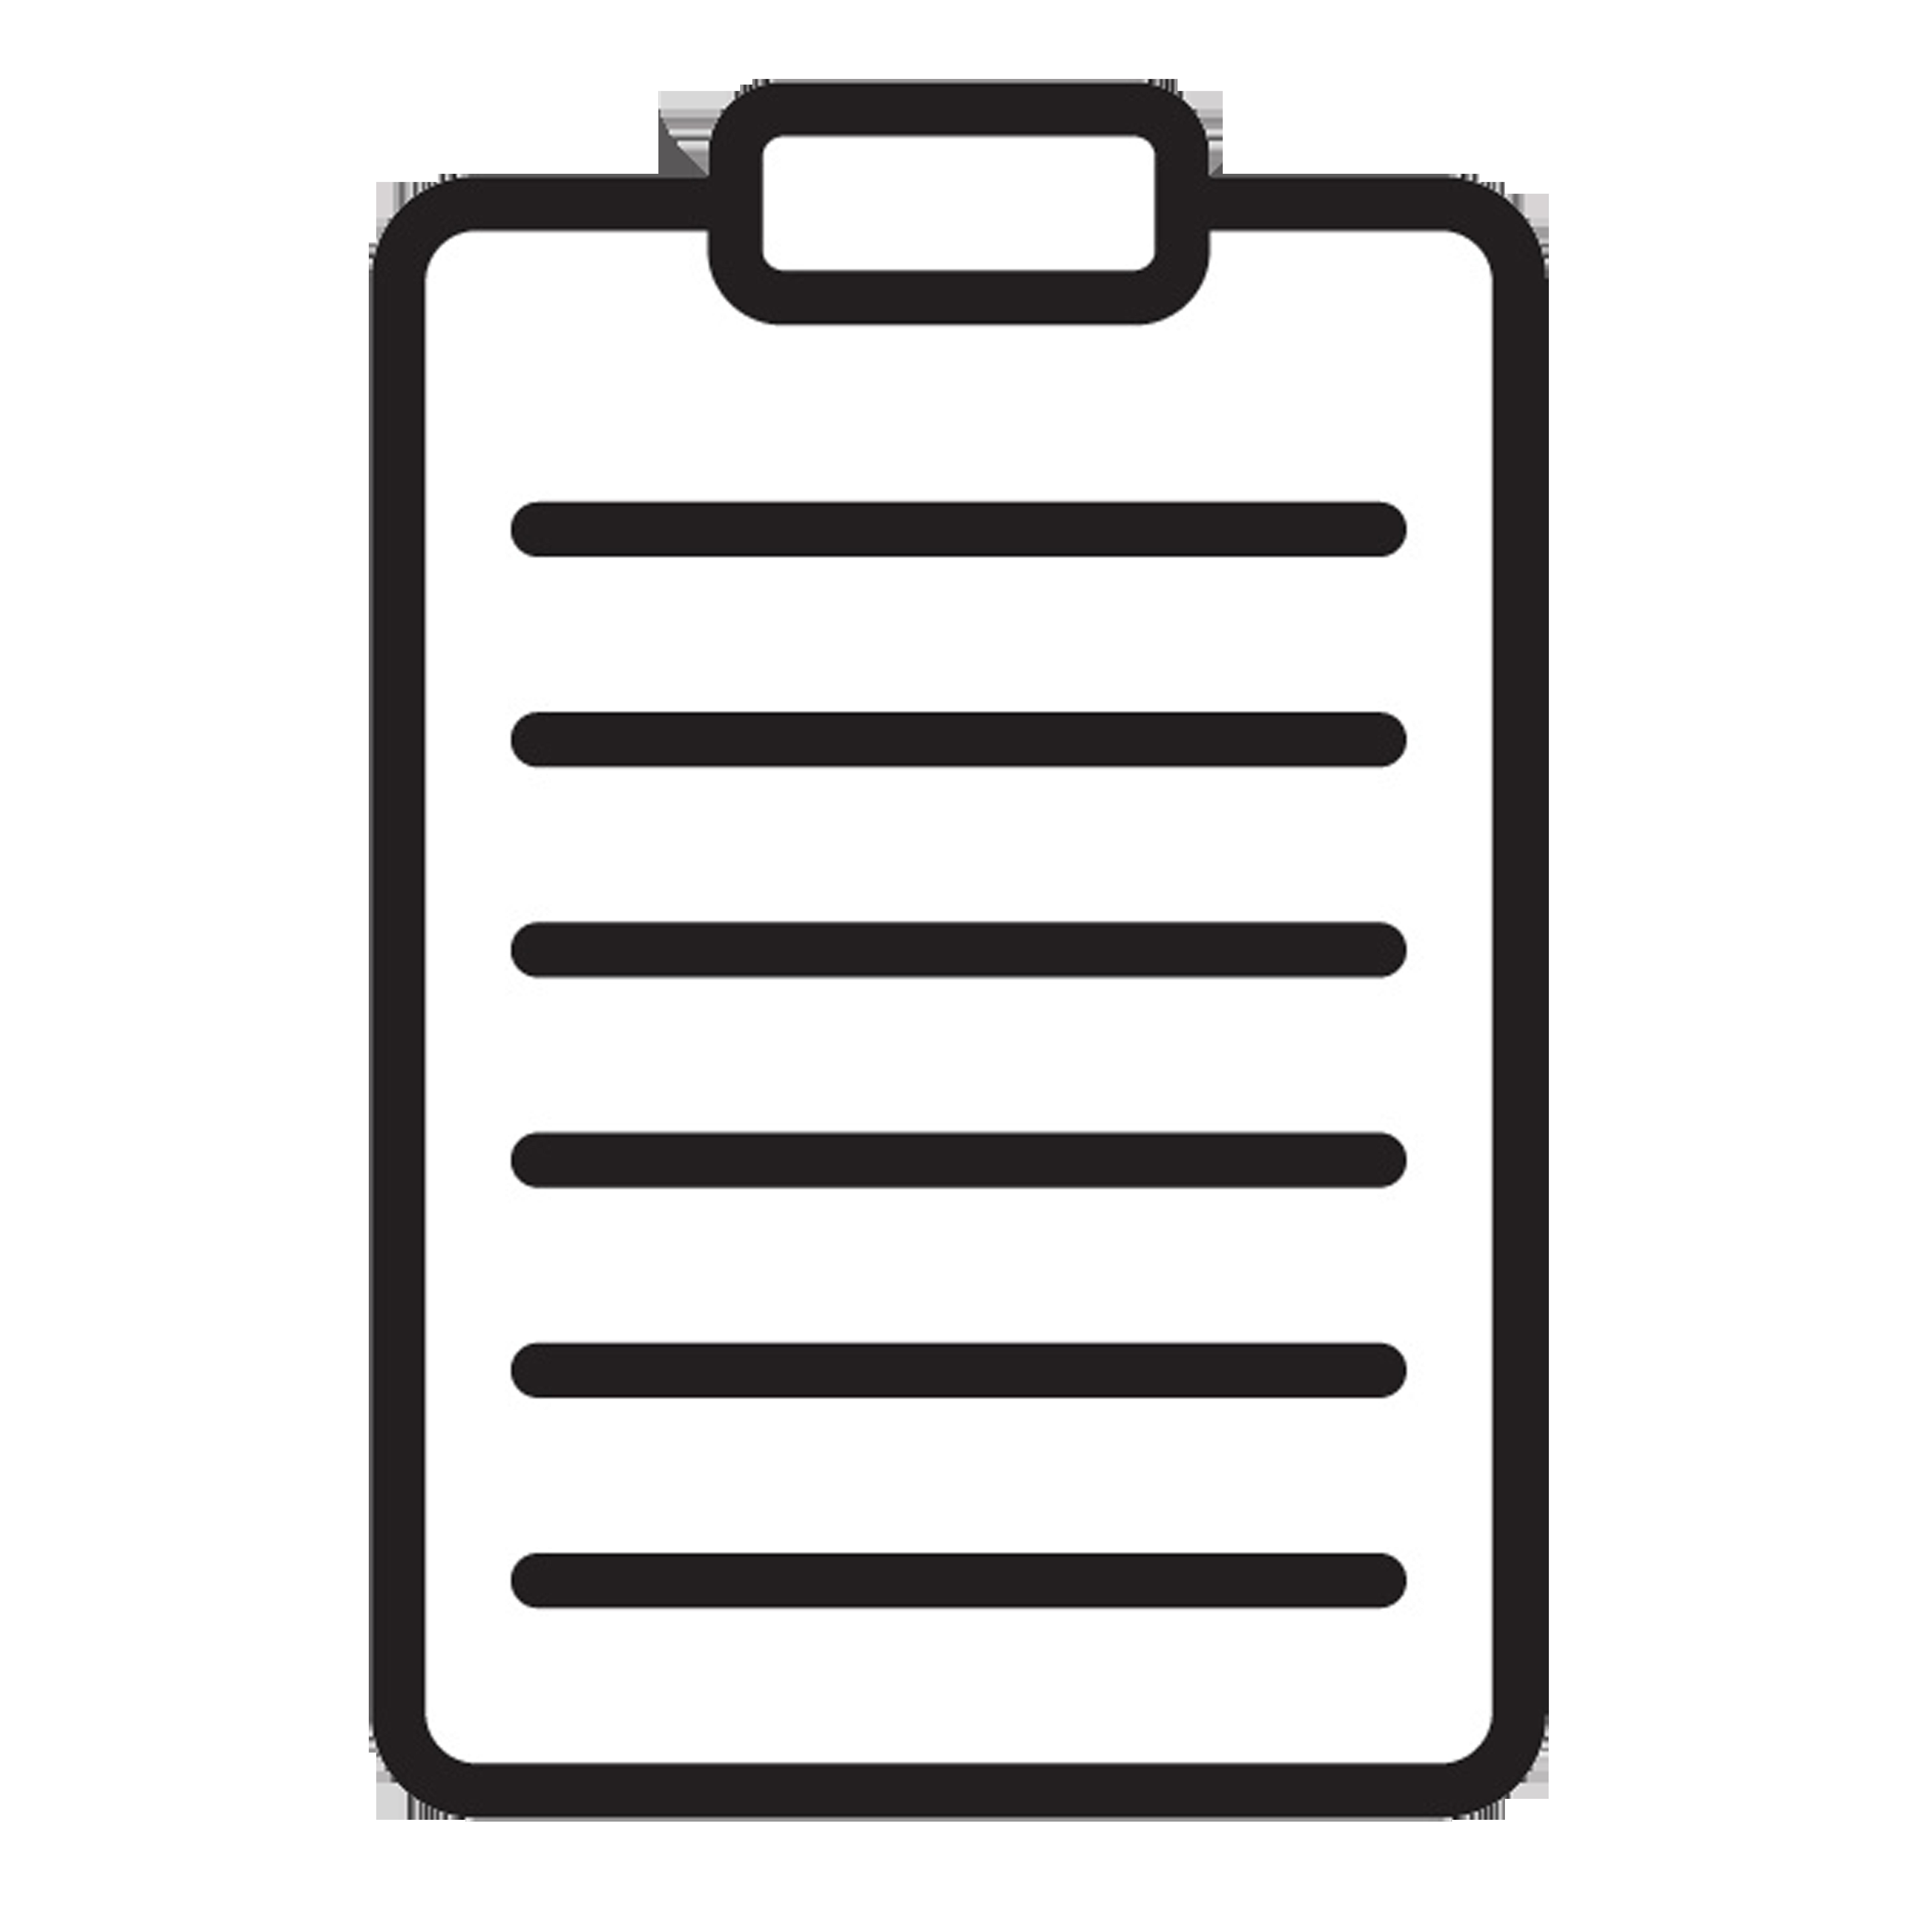 HR-järjestelmä - analysointi ja raportointi